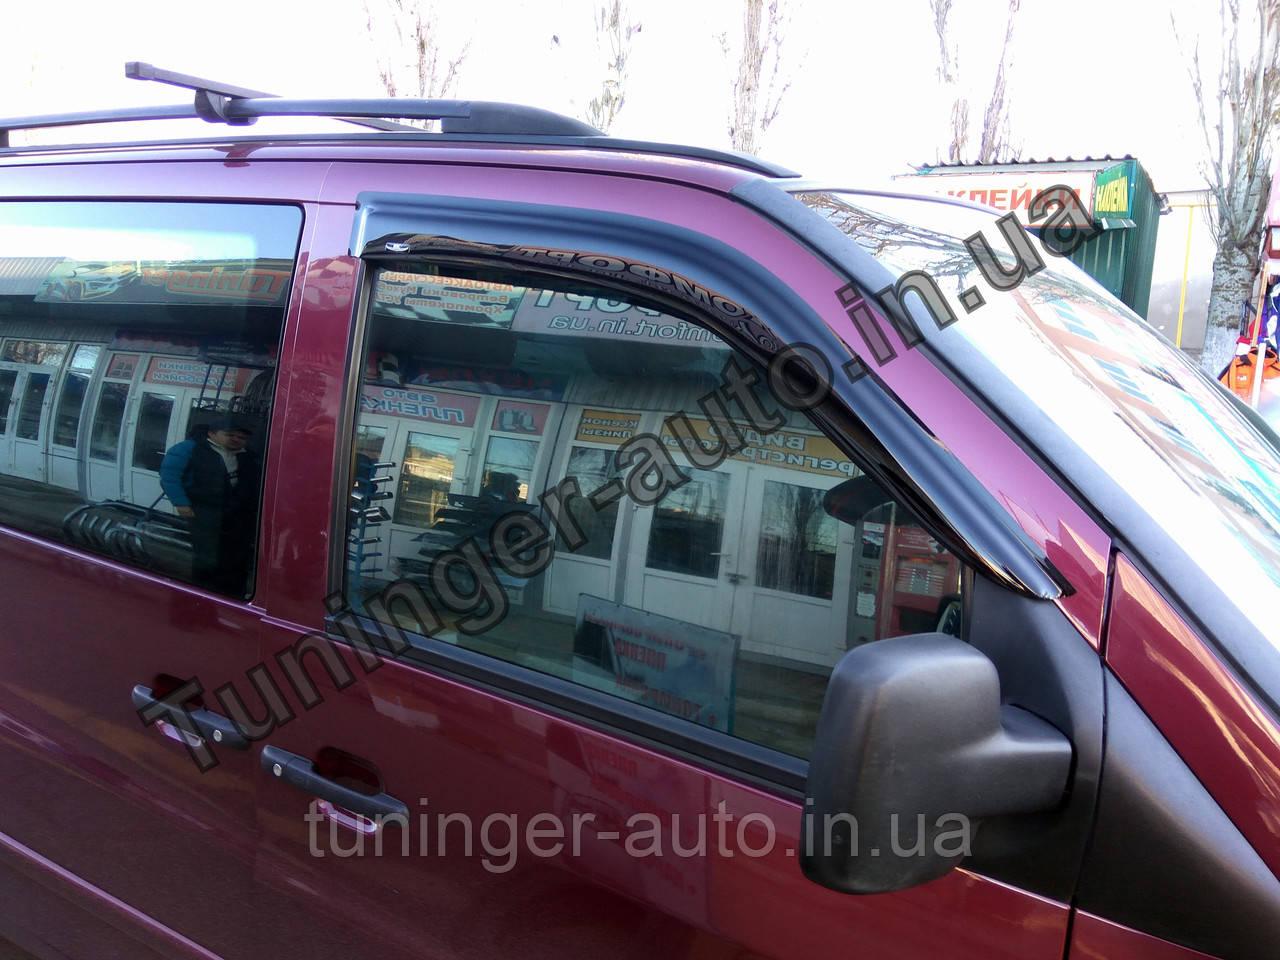 Ветровики, дефлекторы окон Mercedes Vito W638 1995-2003 (Hic)